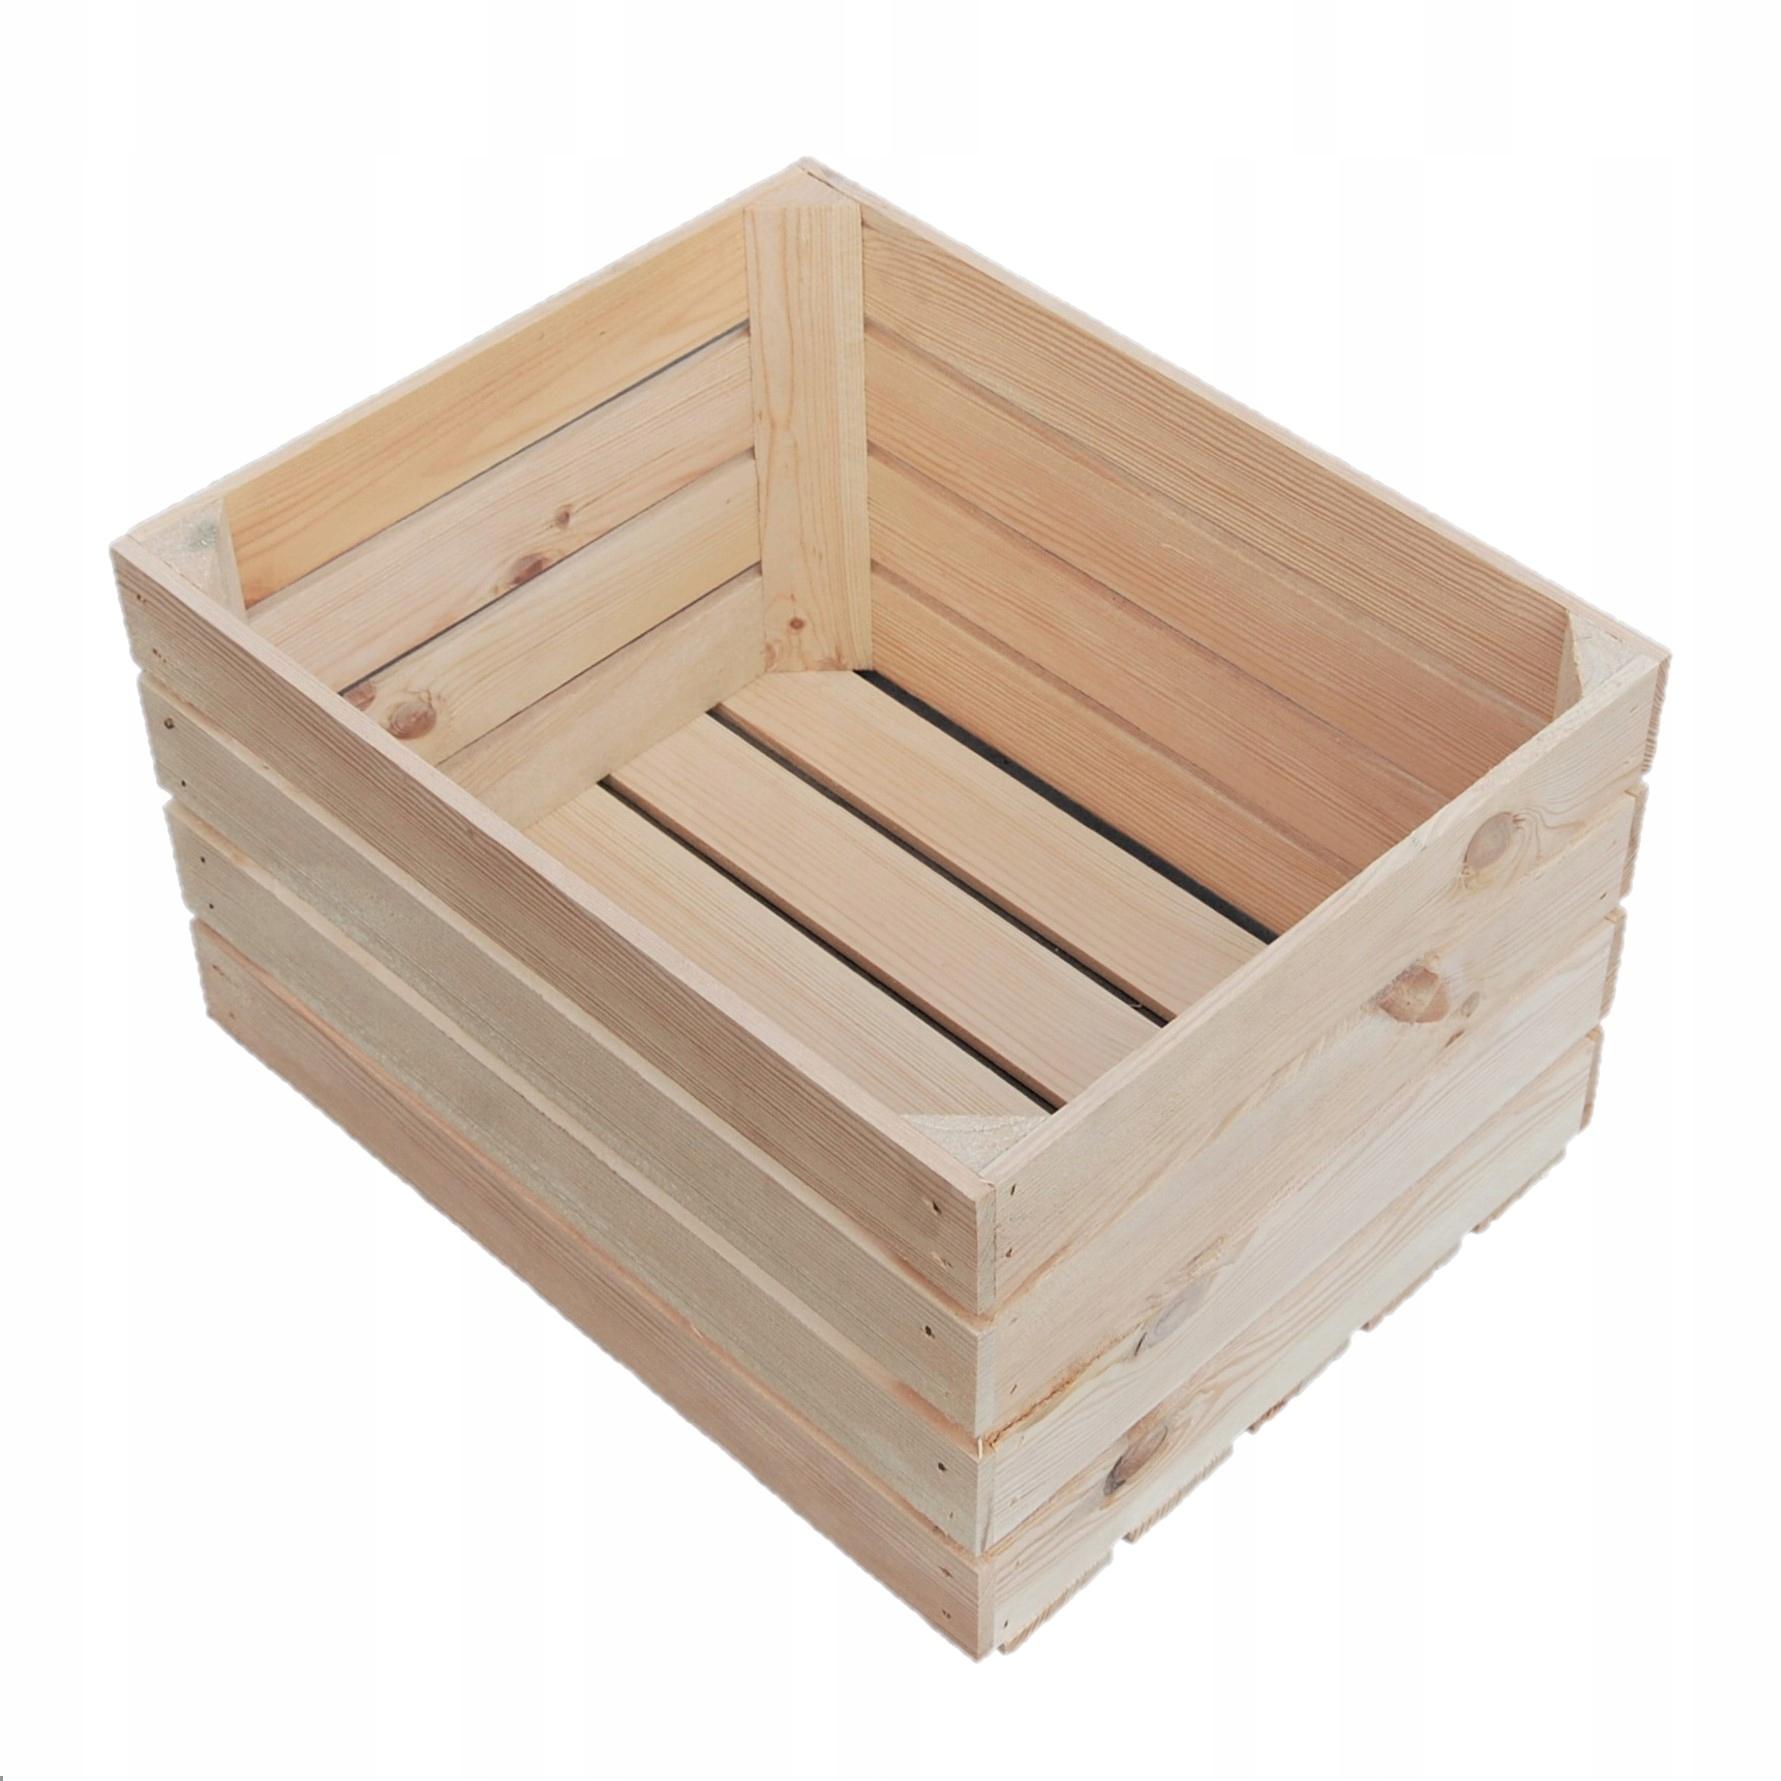 Drevené krabice drevené boxy pre nový nábytok